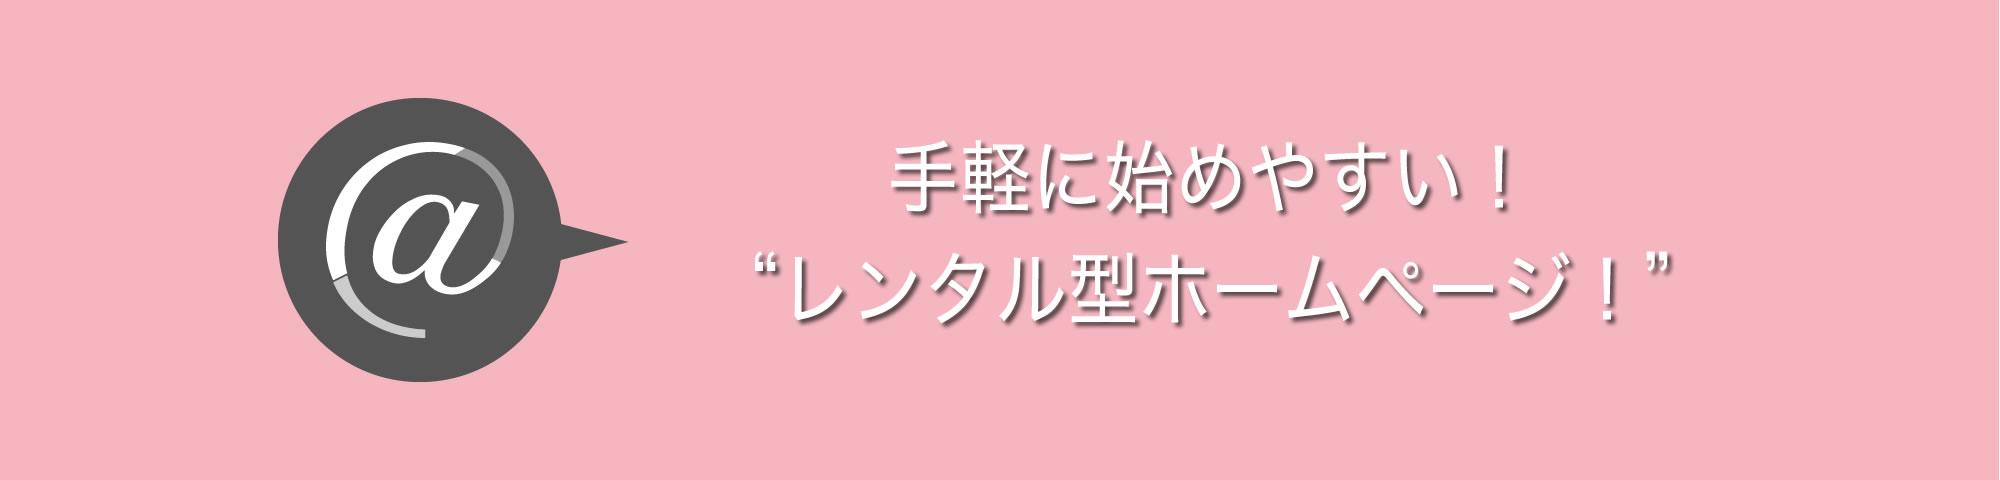 仙台でホームページ制作ならアットのレンタル型ホームページサービスが便利!